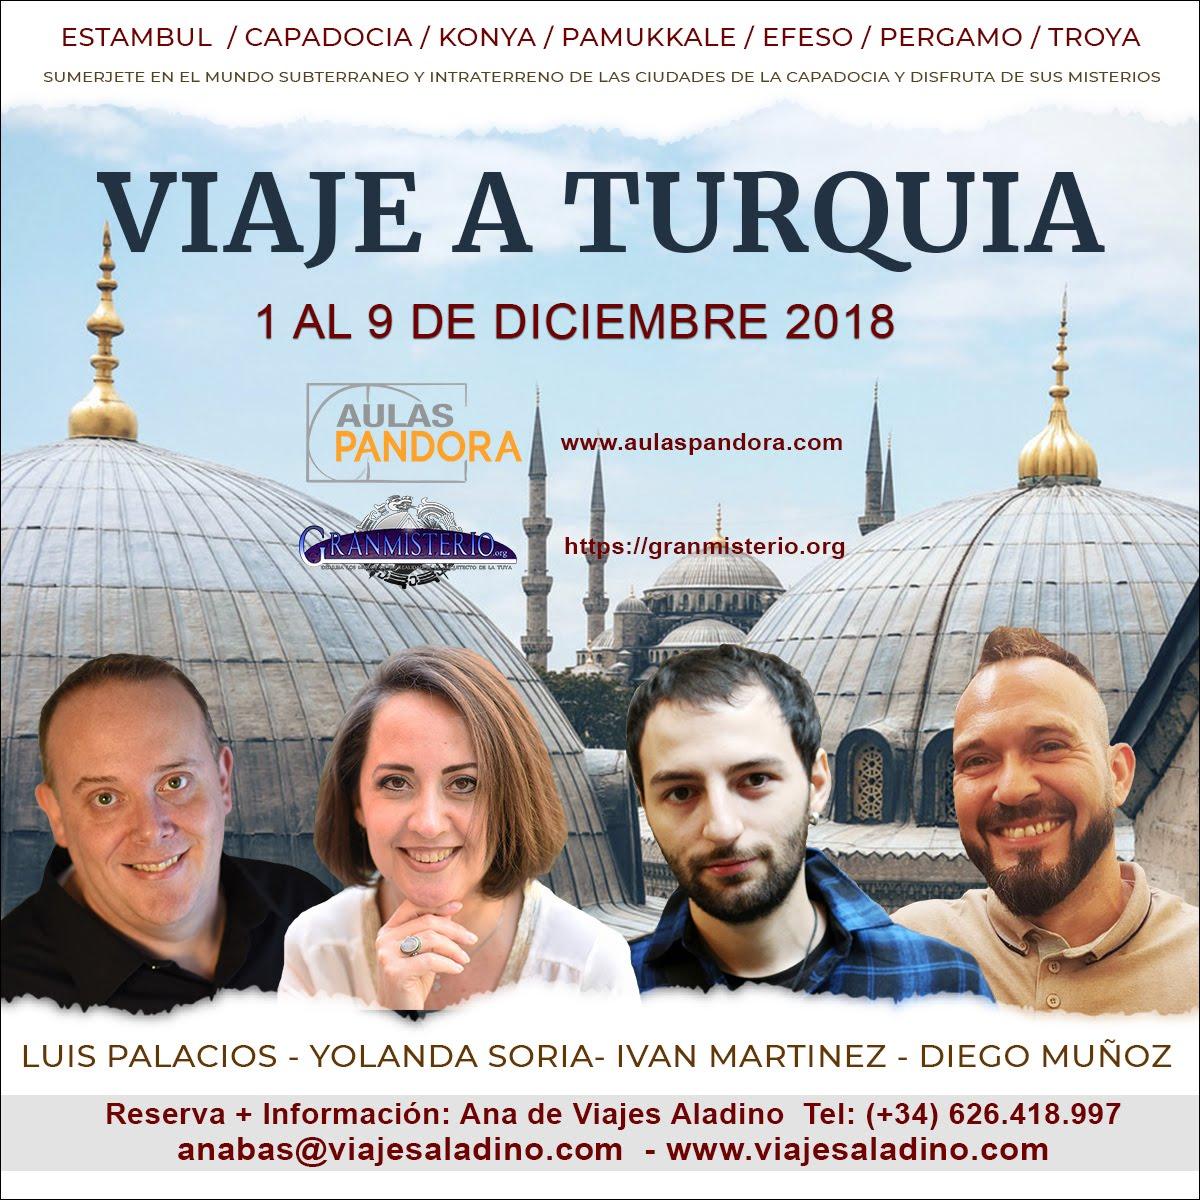 1 AL 9 DE DICIEMBRE 2018 – VIAJE A TURQUIA CON LUIS PALACIOS ,YOLANDA SORIA, IVAN MARTINEZ Y DIEGO